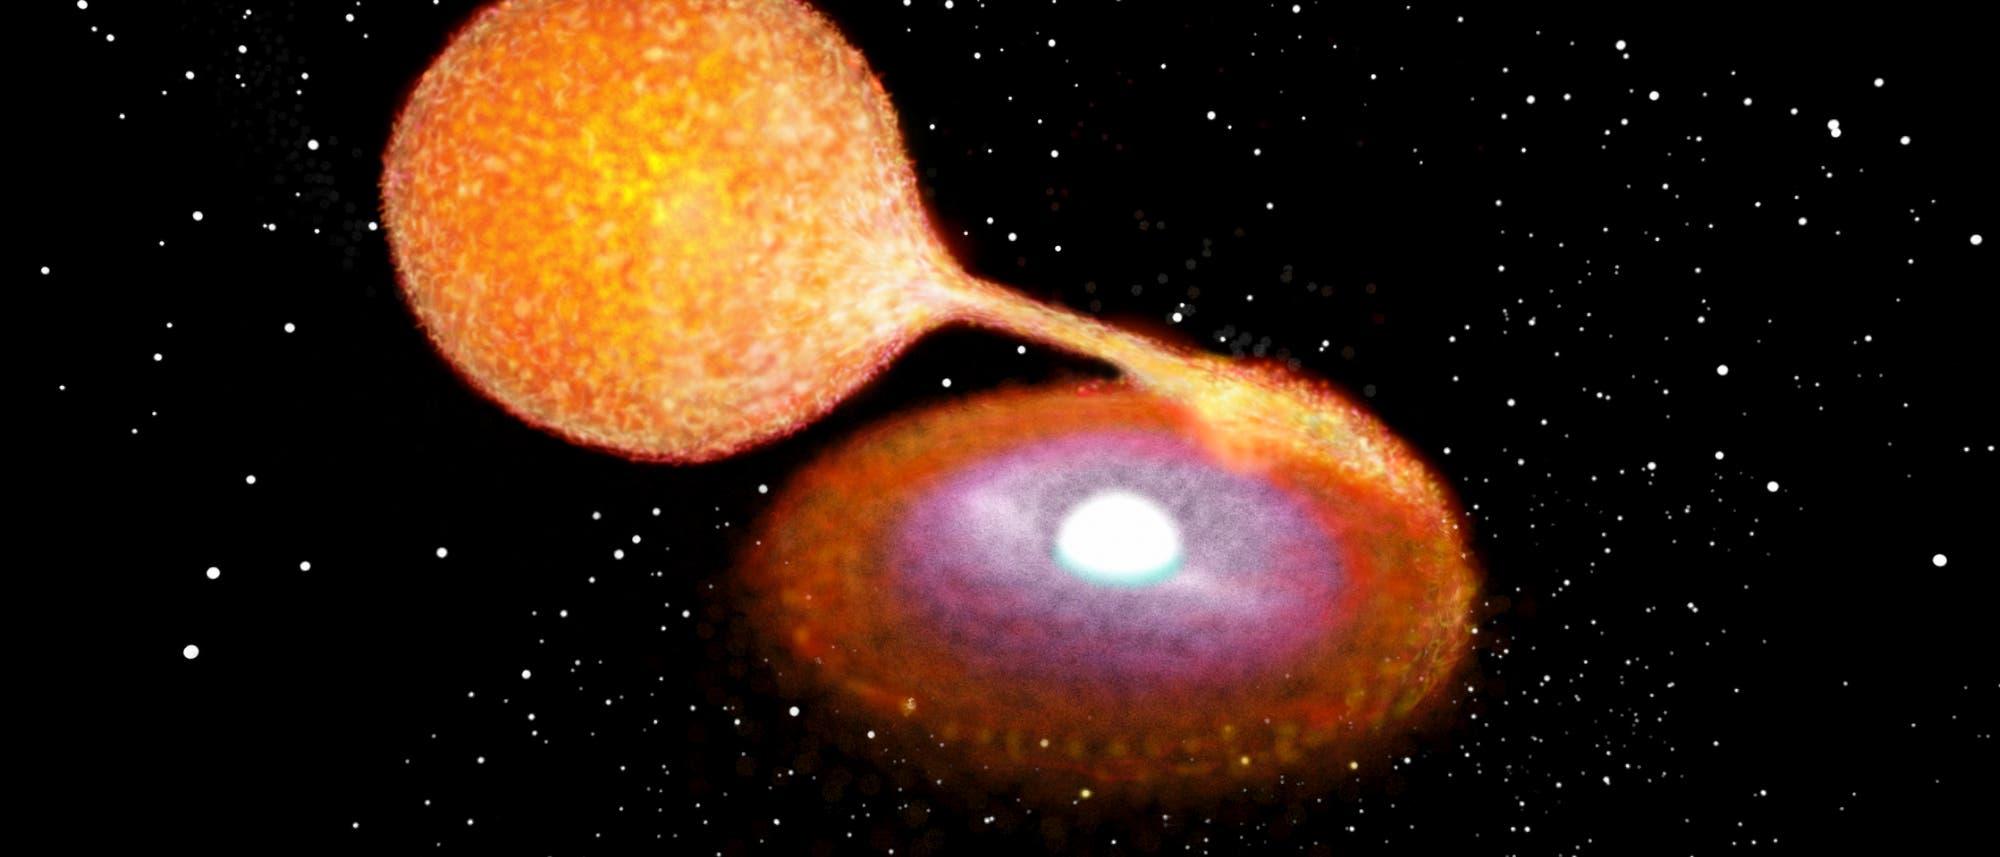 Das Doppelsternsystem des Weißen Zwergs LP 40-365 (künstlerische Darstellung)